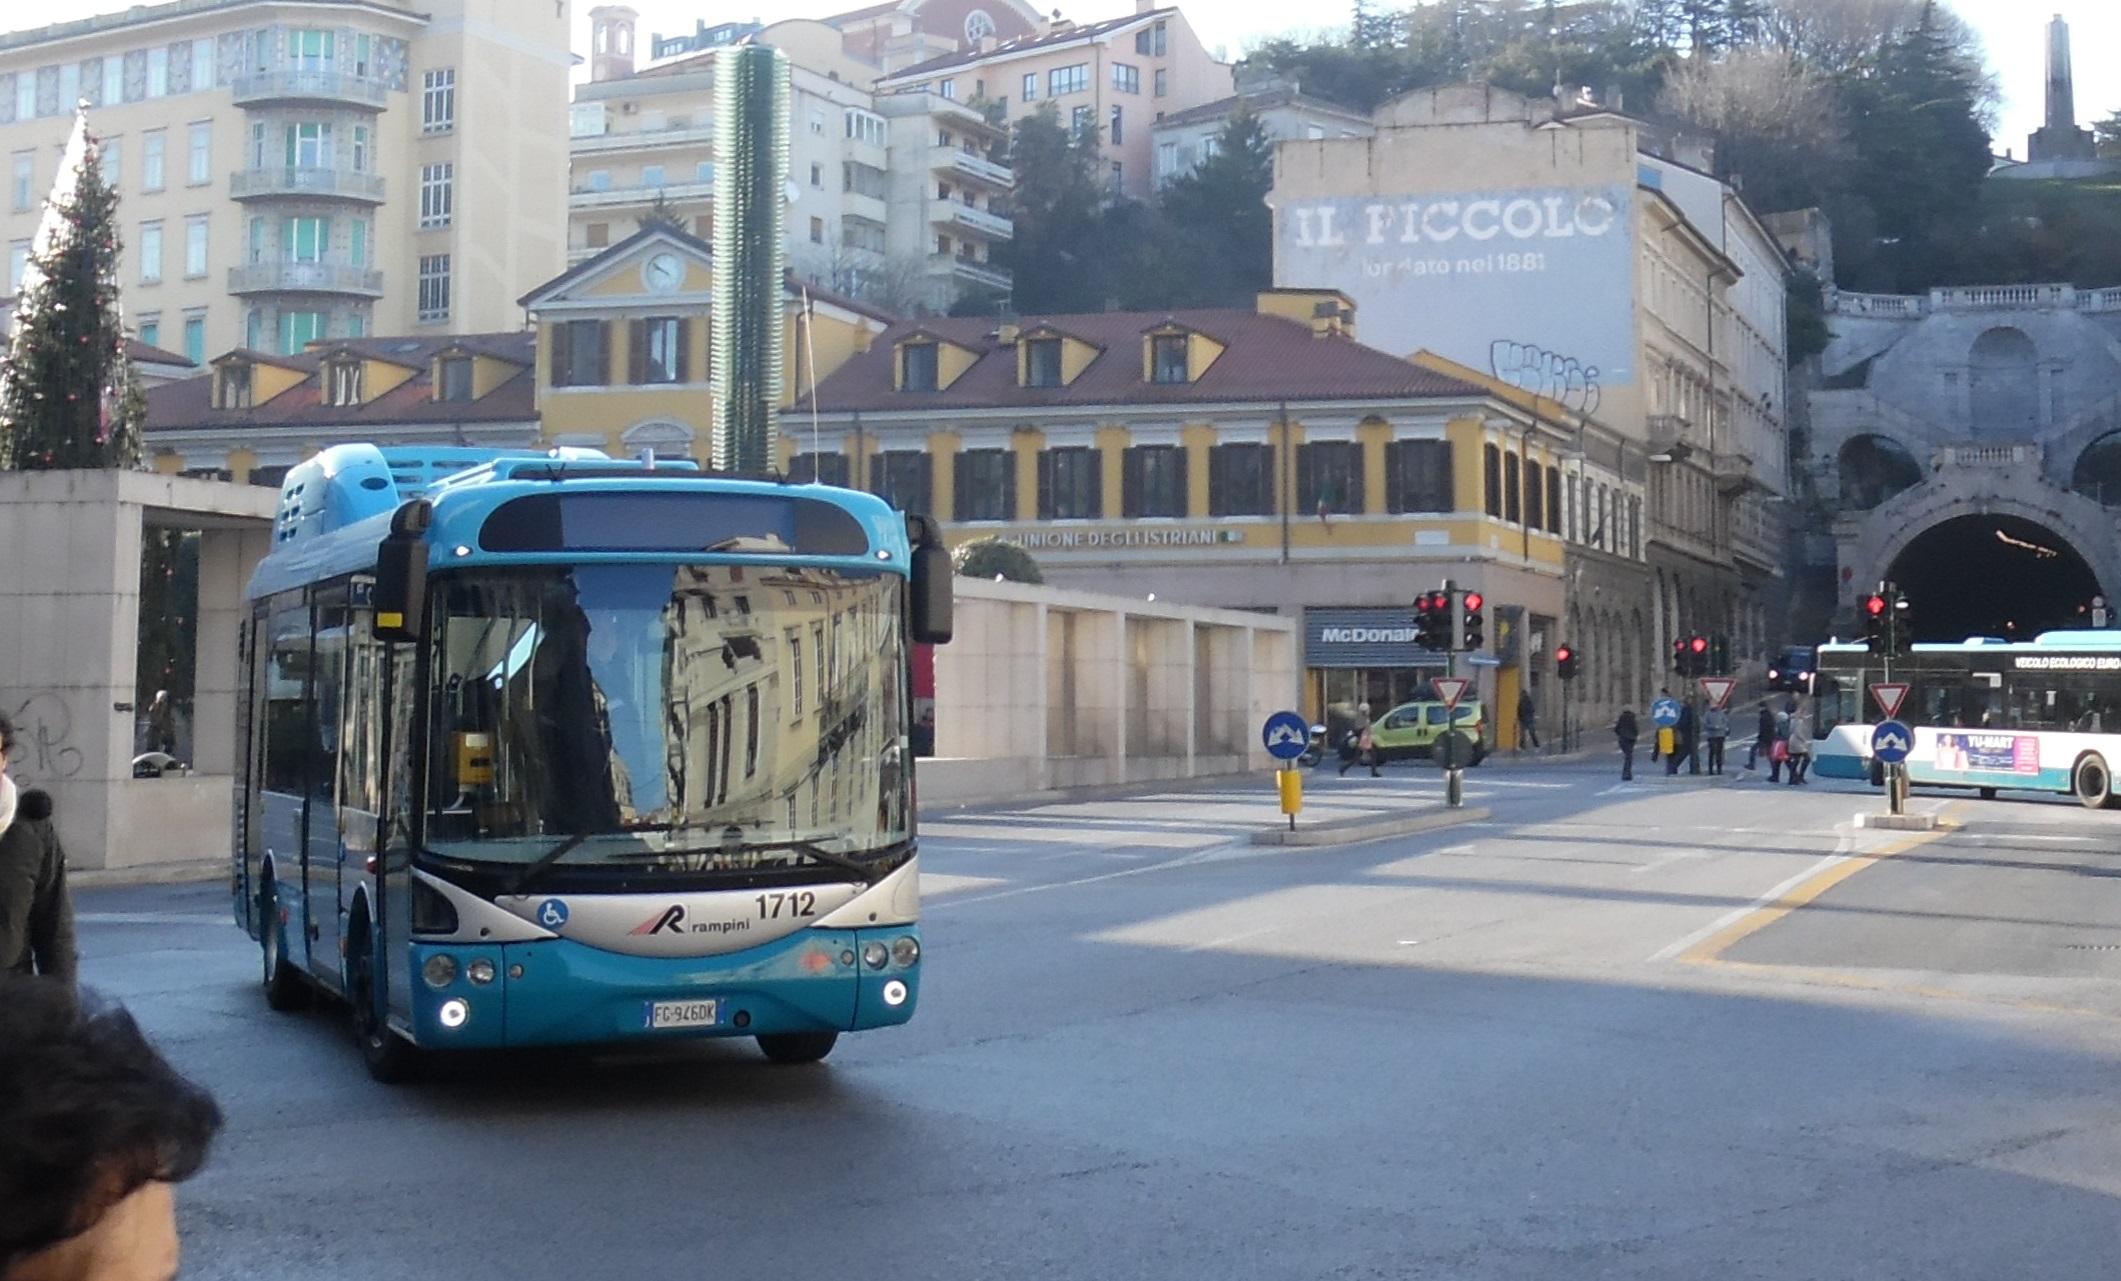 autobus 8 trieste orario - photo#33